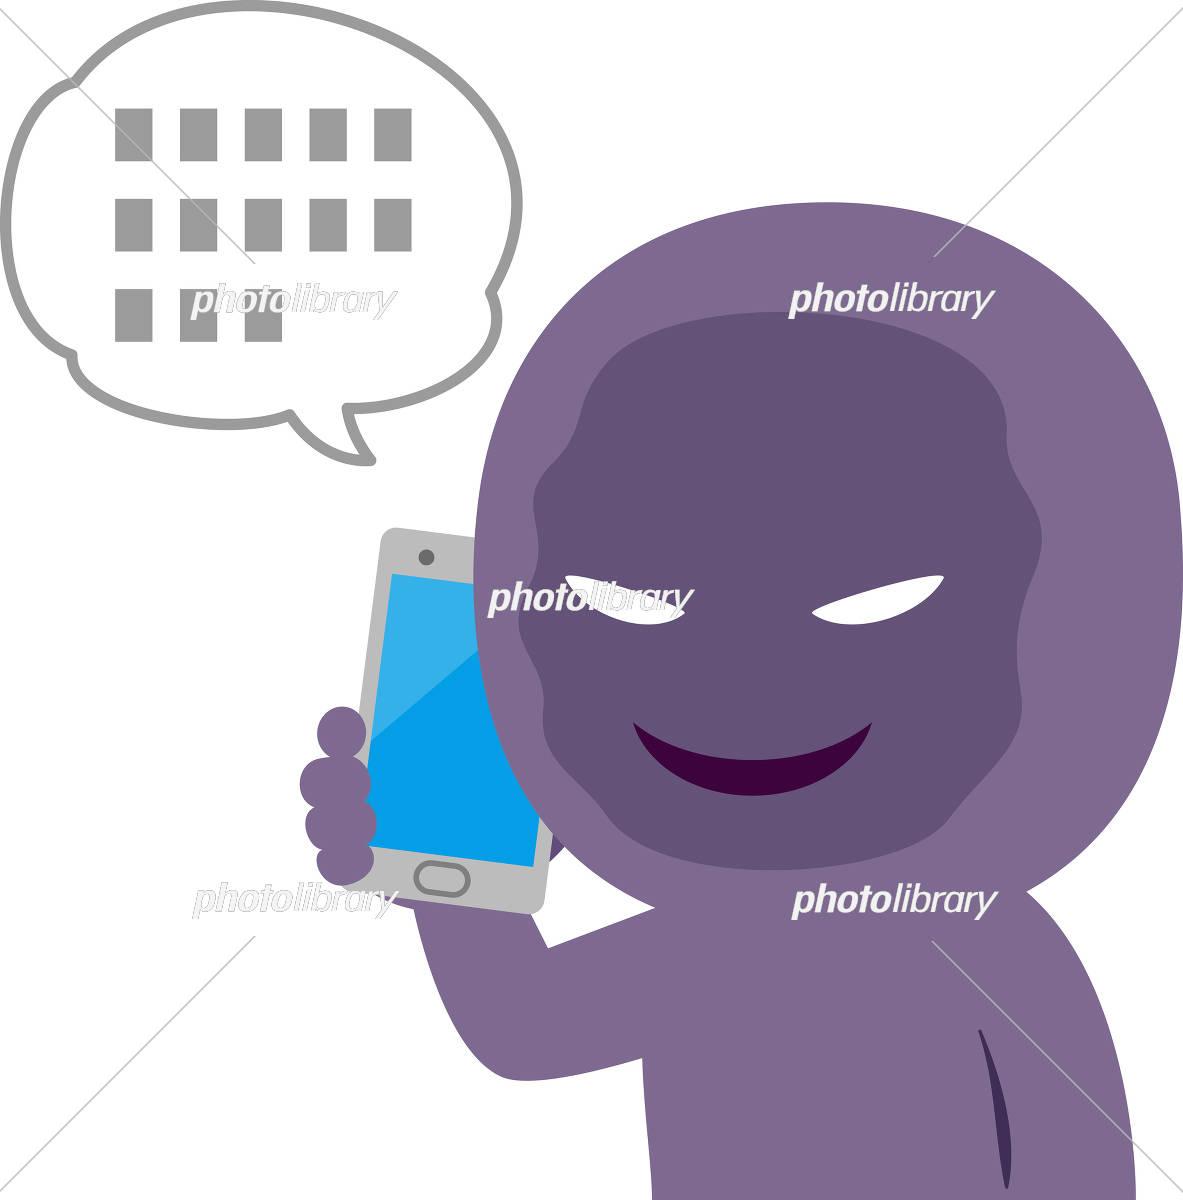 スマートフォンでしゃべる不審人物 イラスト素材 5824090 フォト